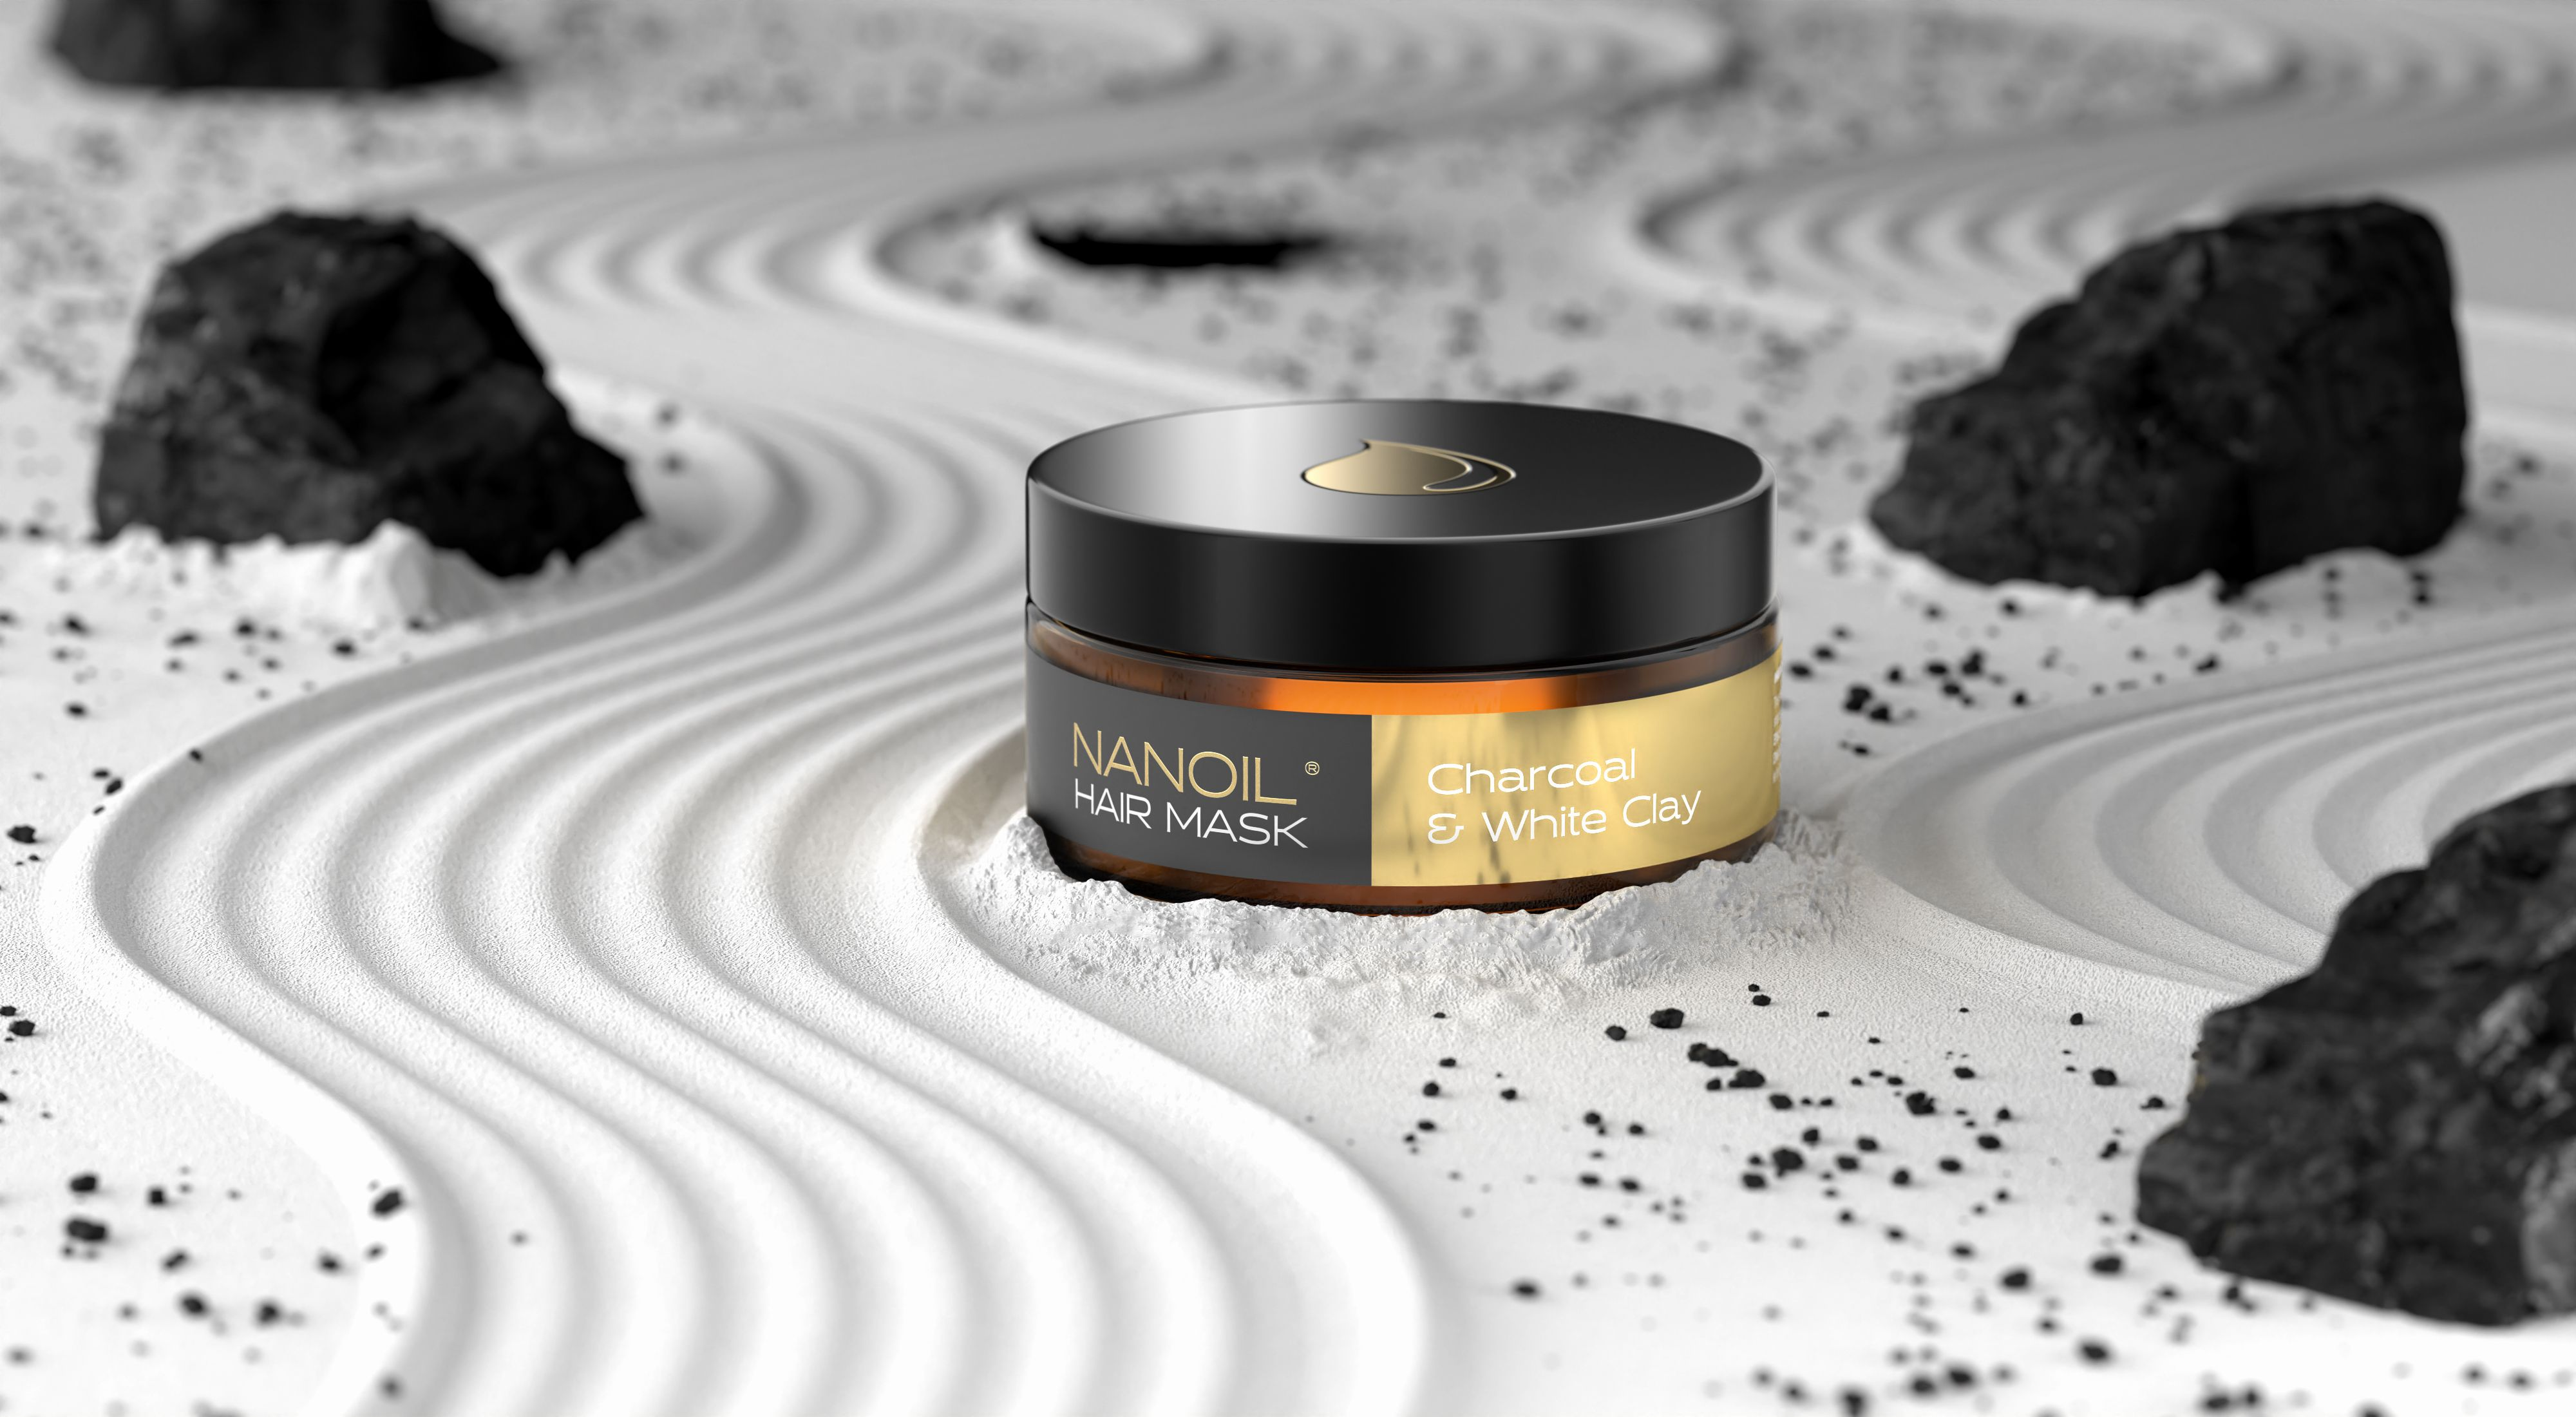 nanoil mit aktivkohle haarmaske gegen fettige haare